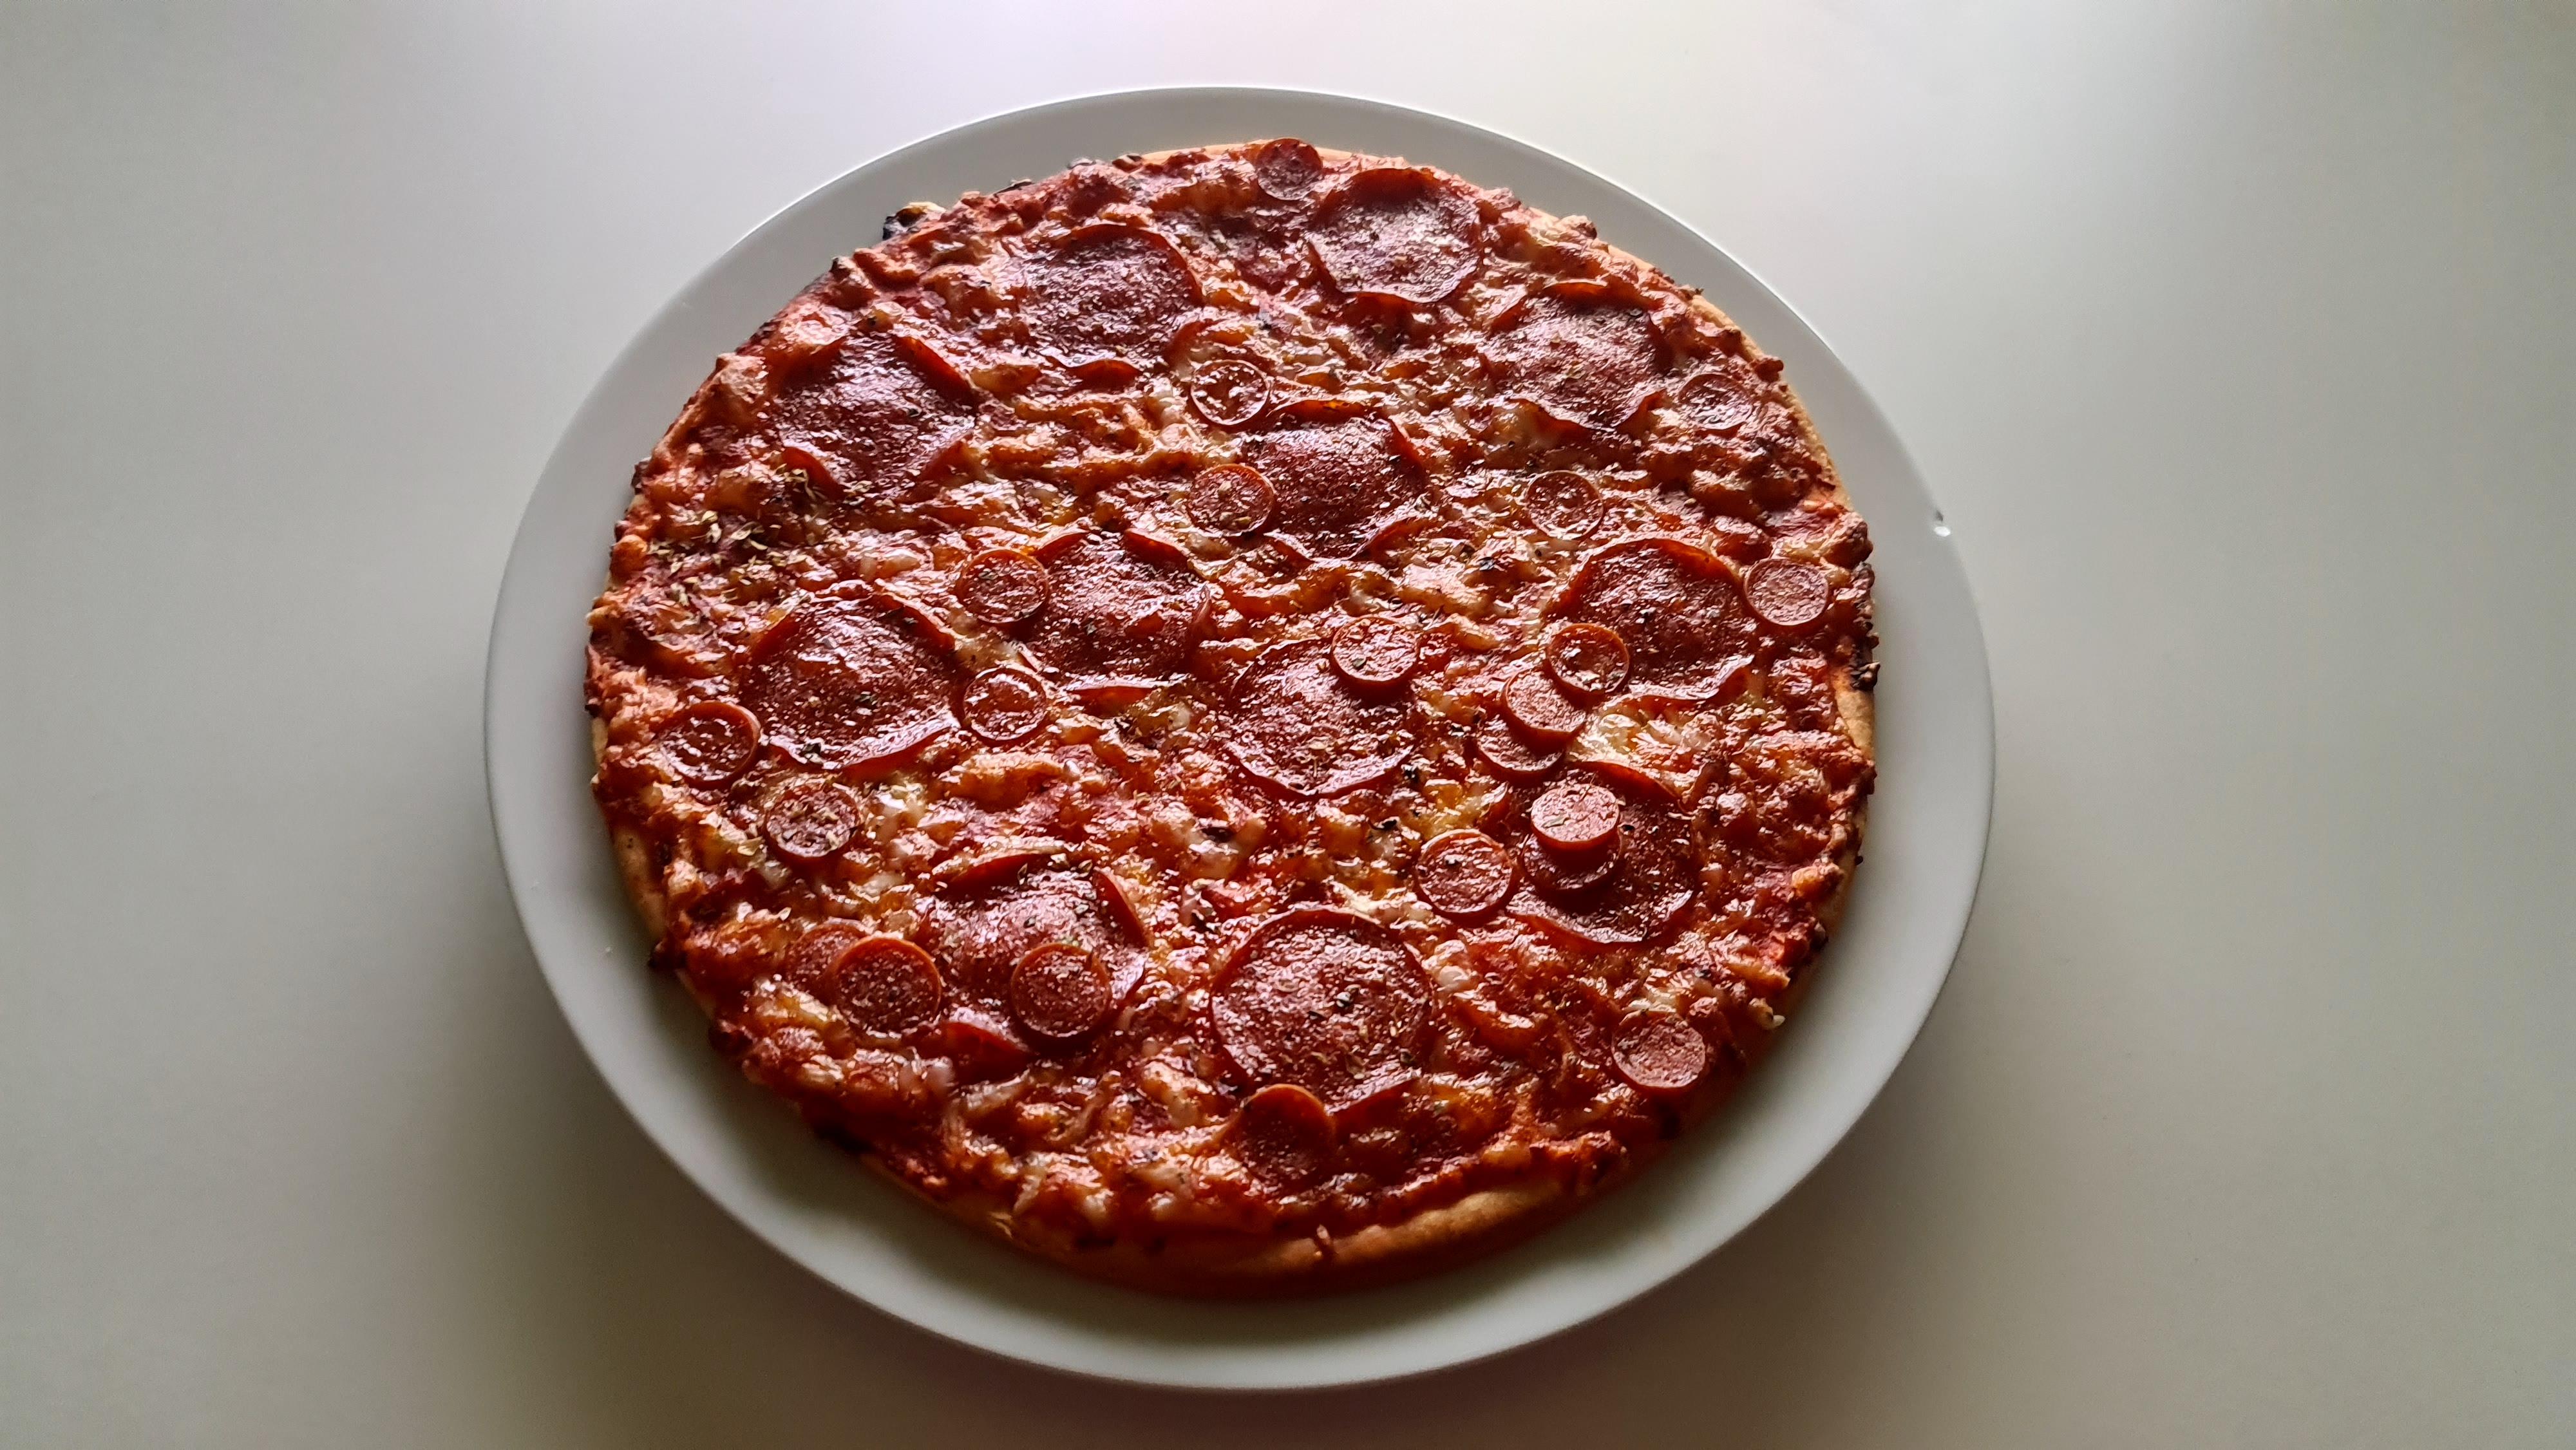 https://foodloader.net/Holz_2020-09-30_Pizza.jpg